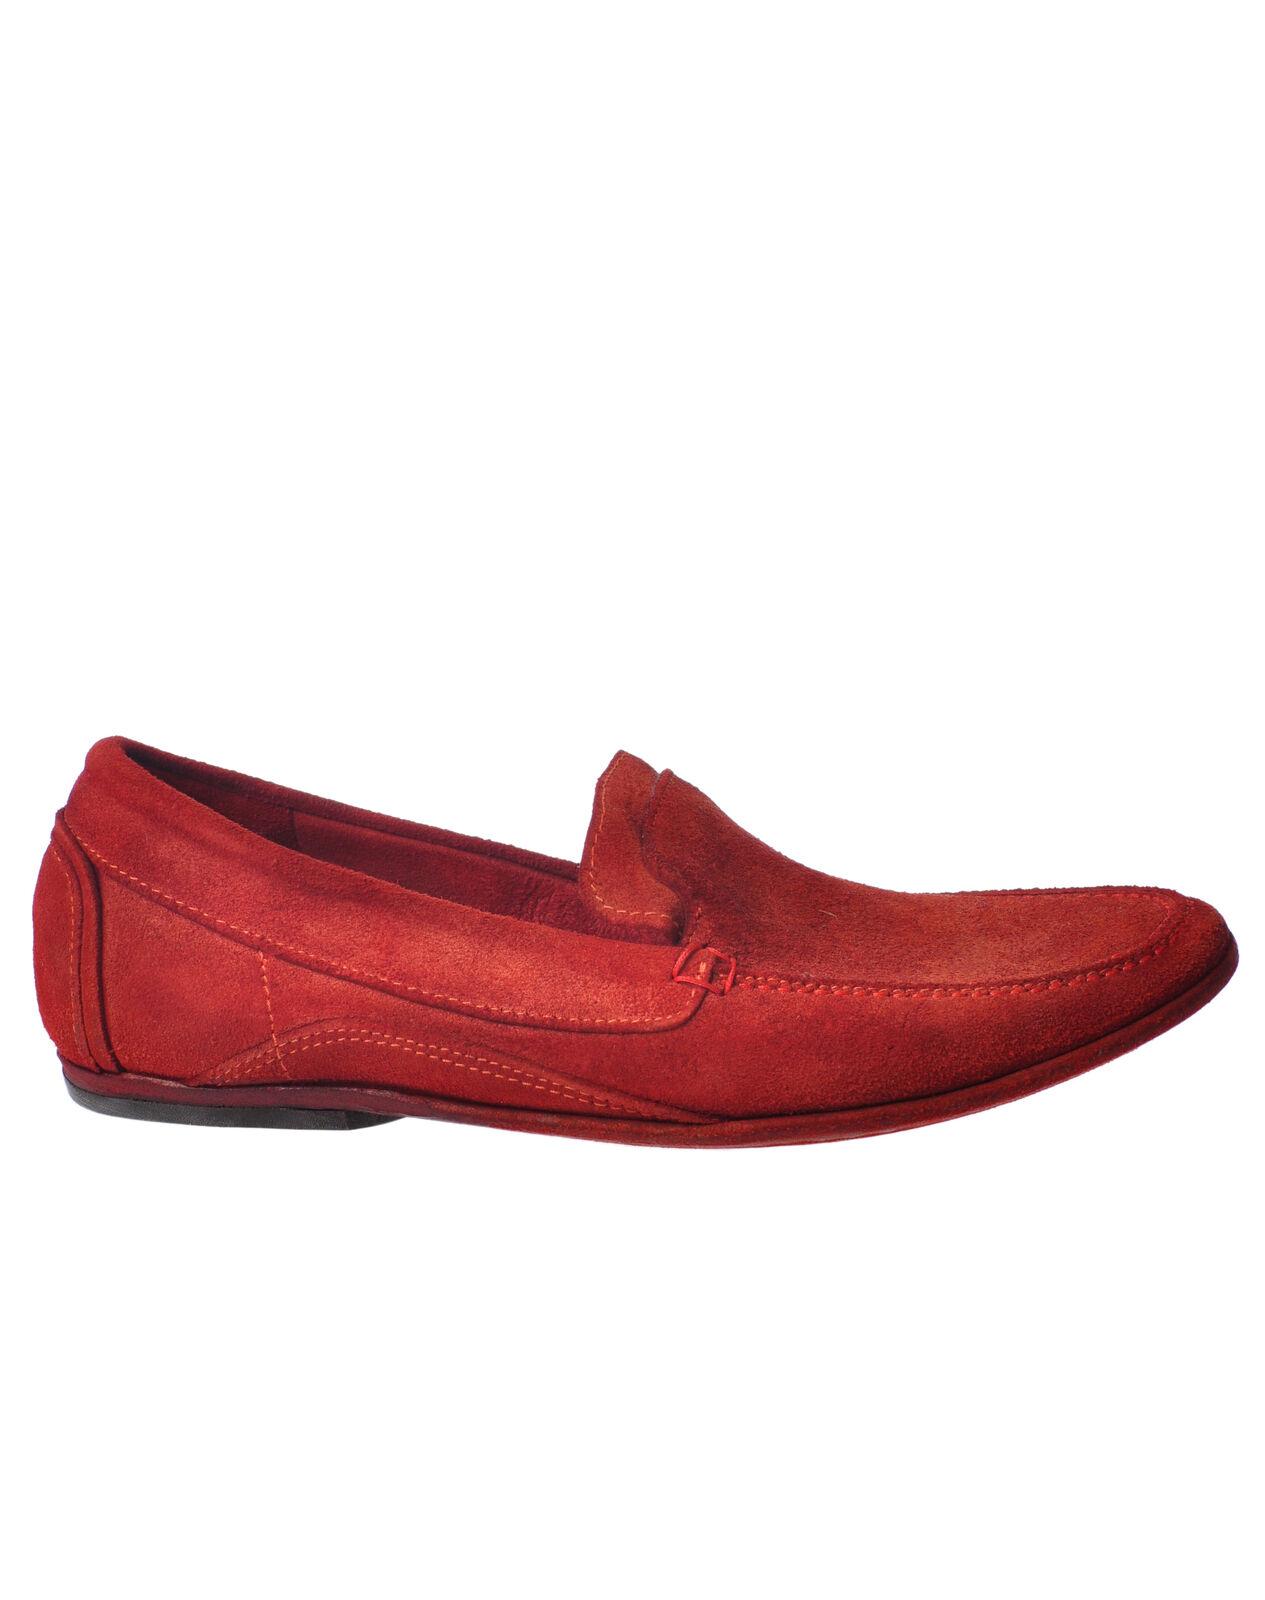 Bruno Bordese-Mocassini-Male-Rosso - 3454421A182044 Scarpe classiche da uomo